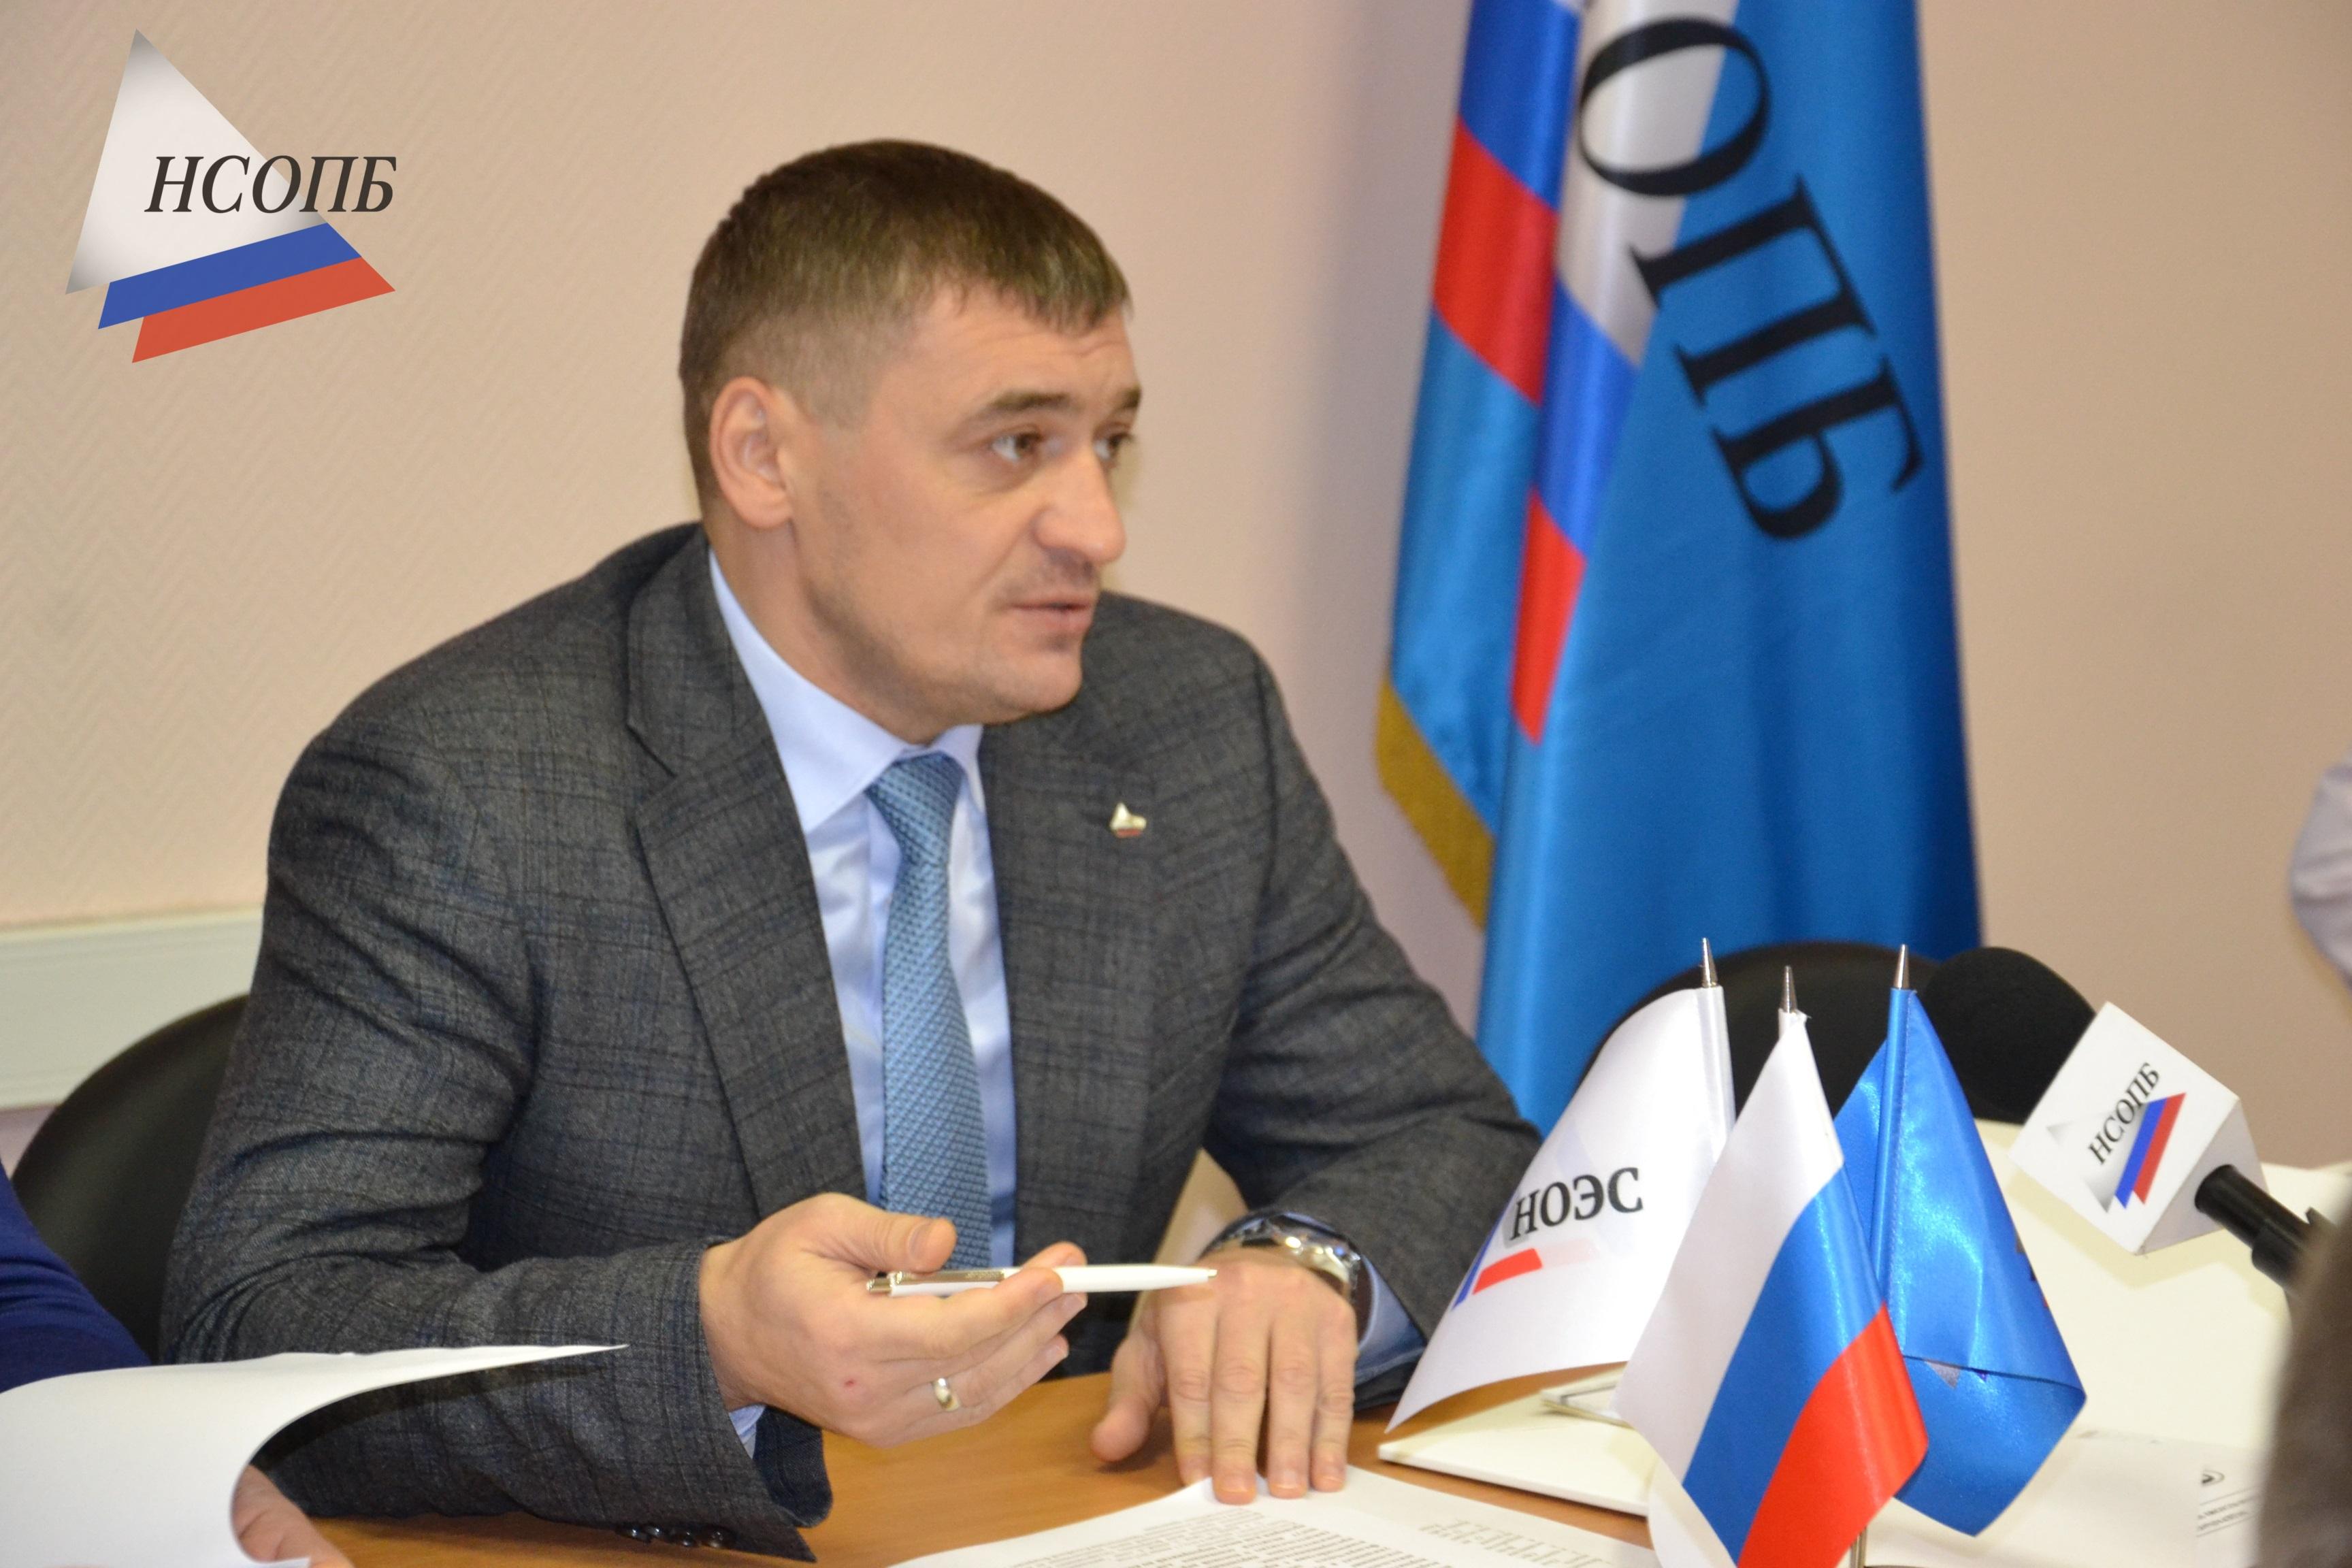 Серёгин Сергей Николаевич